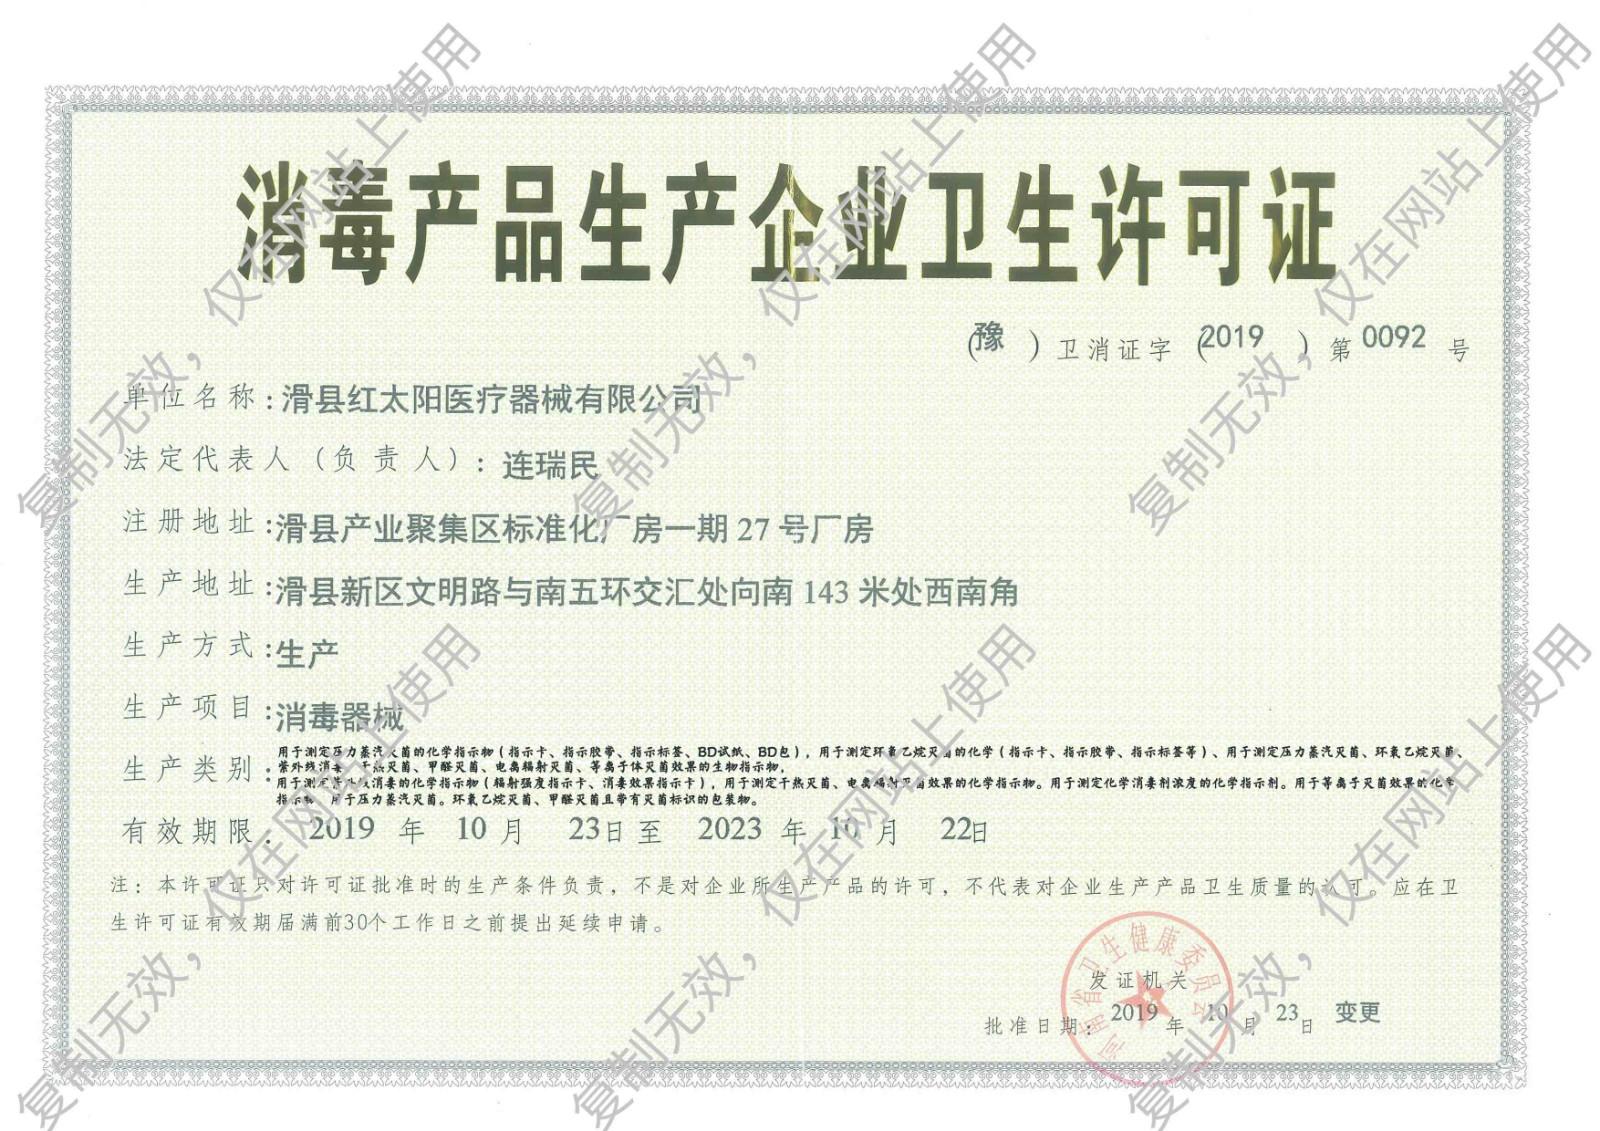 臭氧紫外线空气消毒机 重庆空气消毒机批发商 生产销售基地